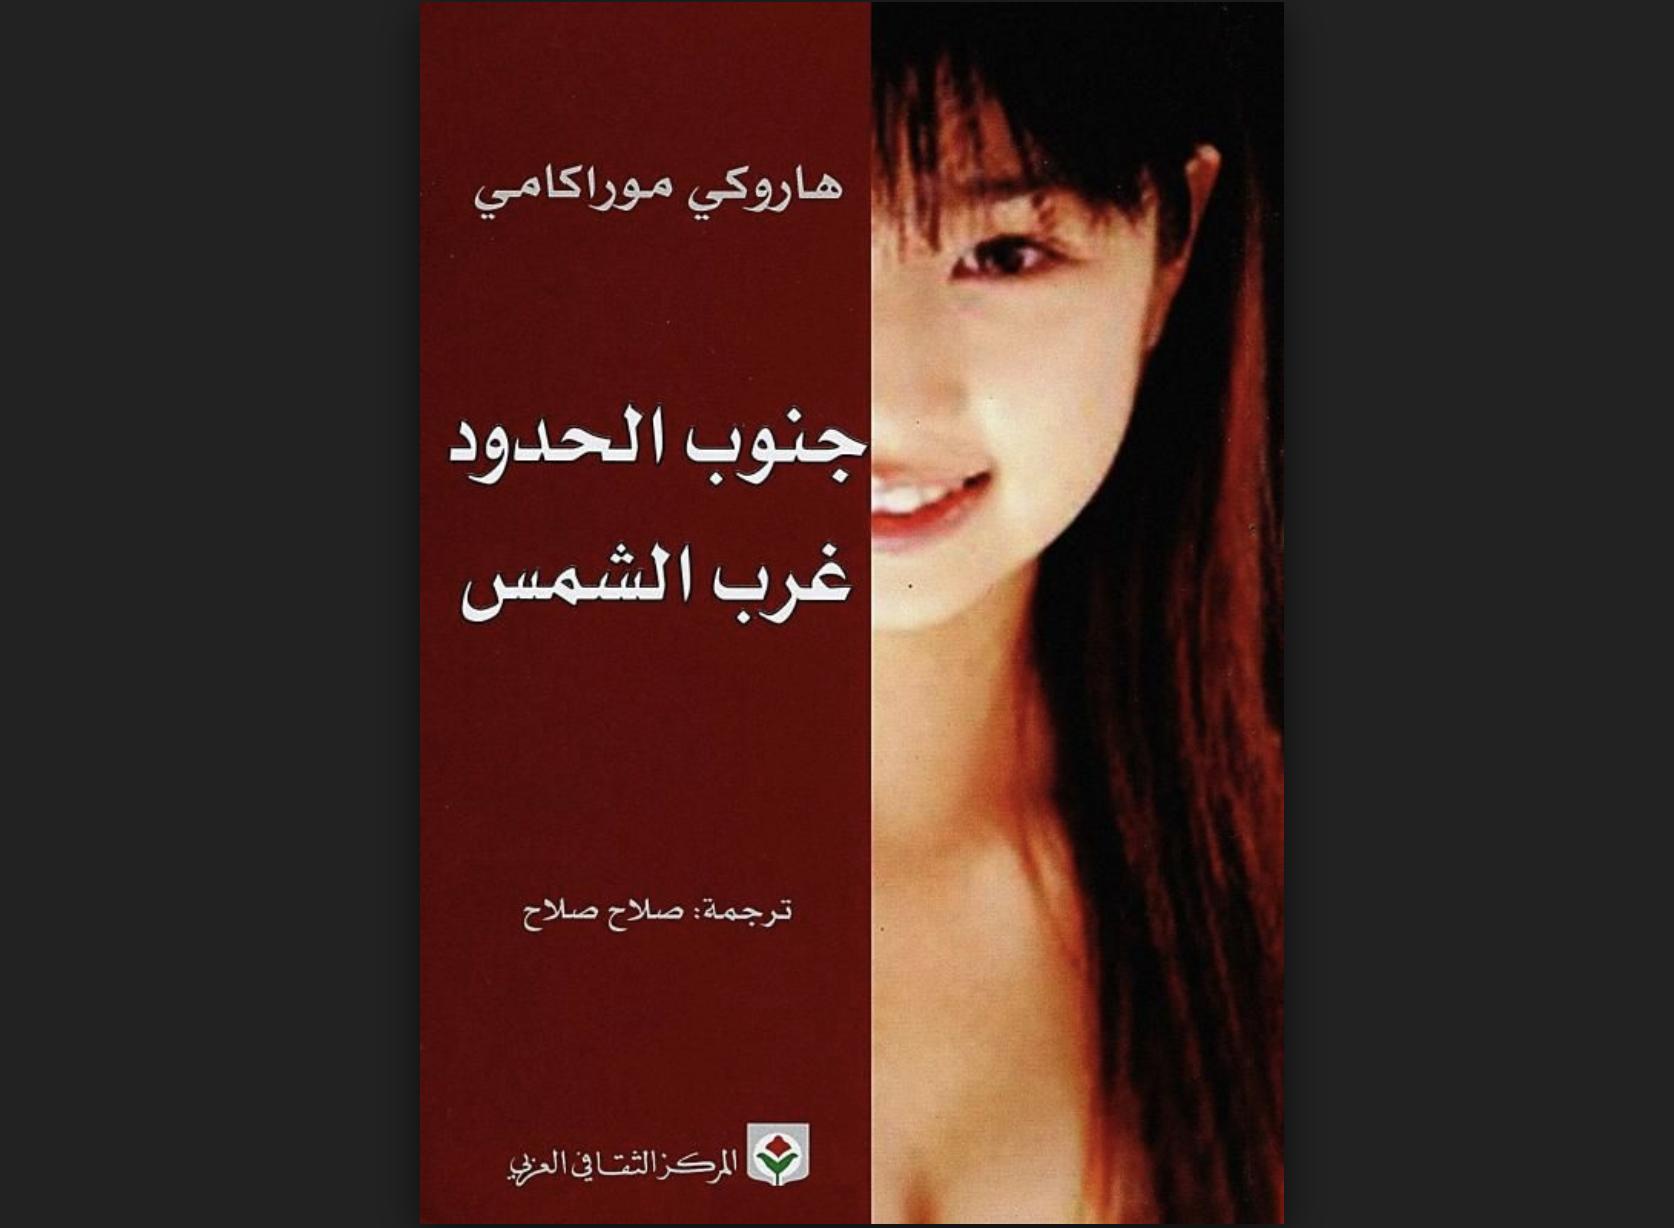 """رواية """"جنوب الحدود/غرب الشمس""""(1992) لهاروكي موراكامي"""